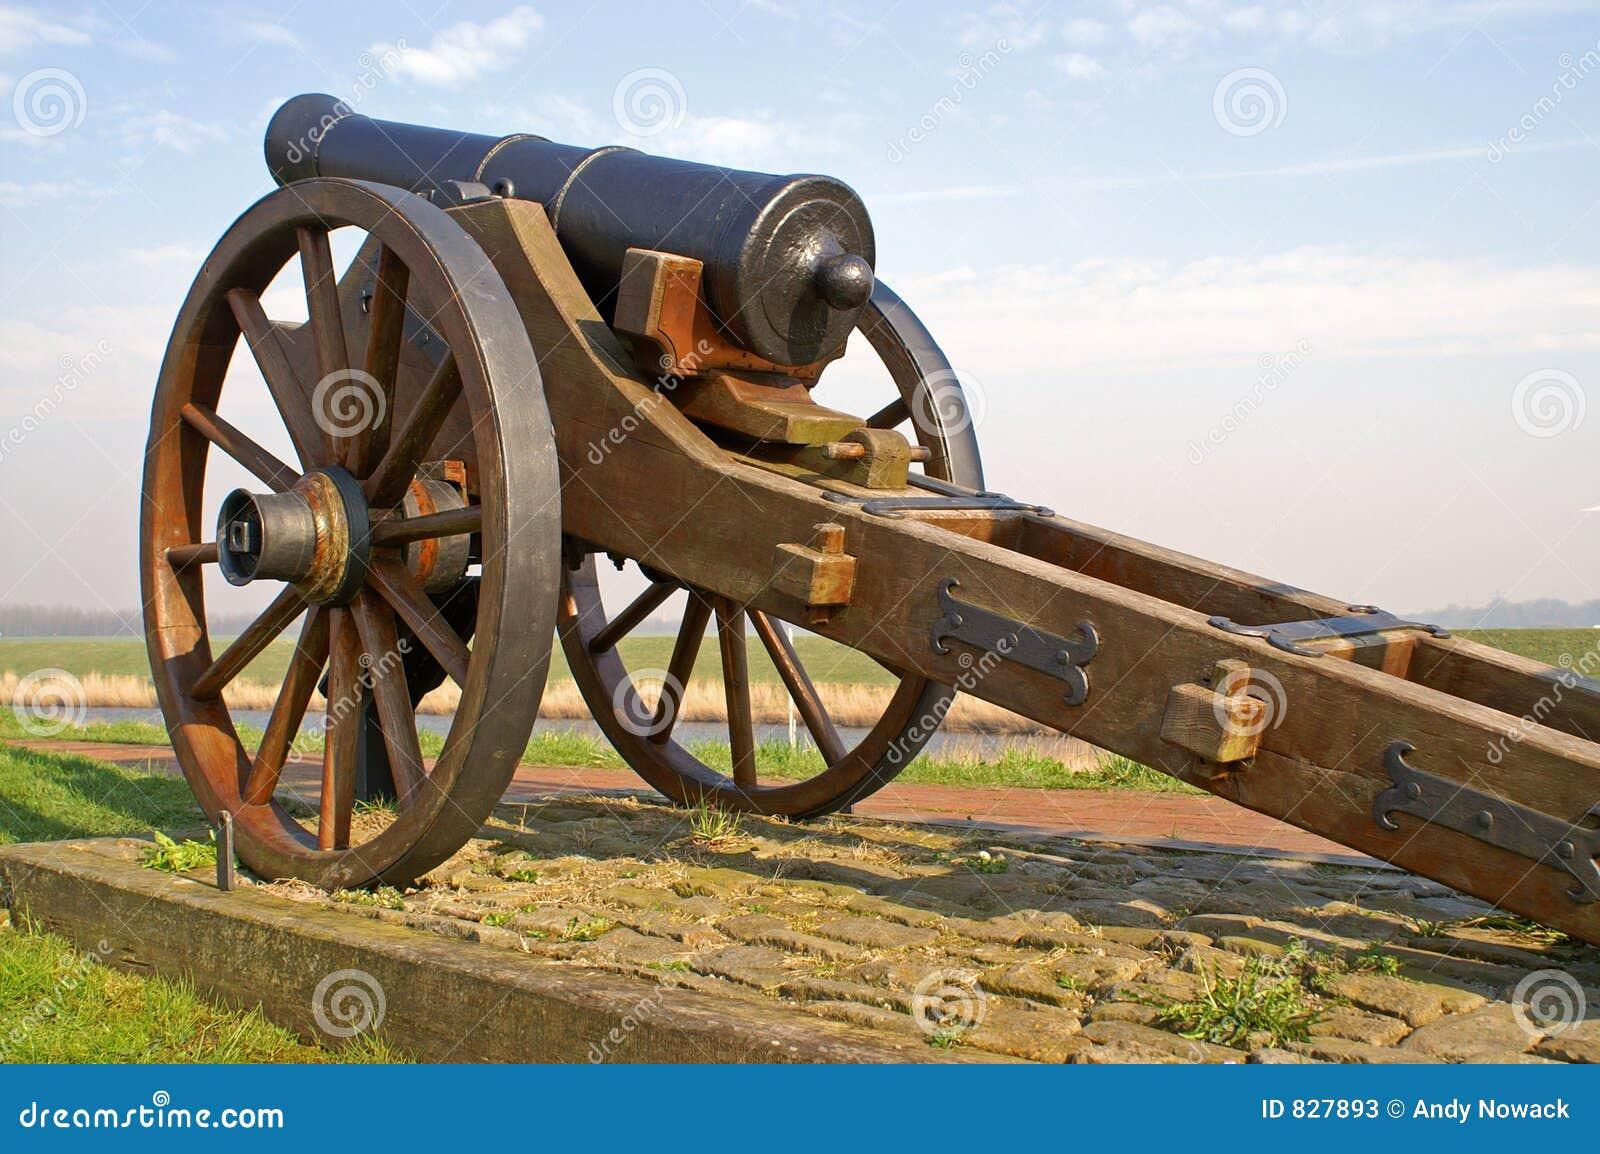 Old artillery canon